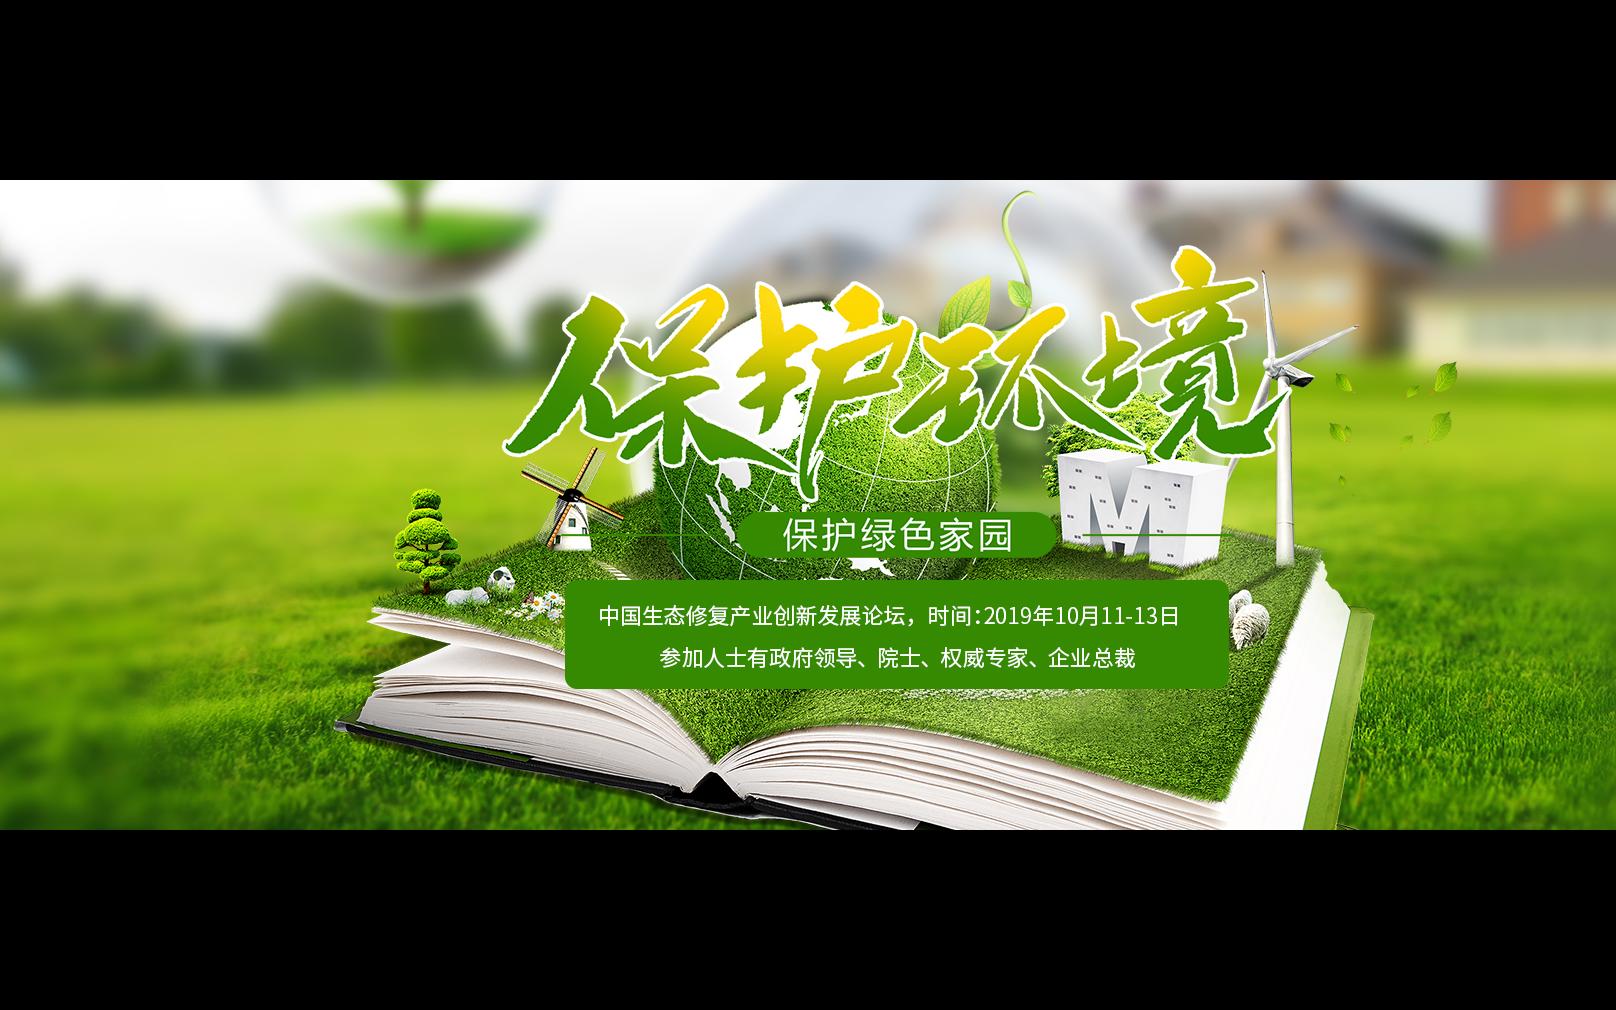 2019中国生态修复产业创新发展论坛(北京)